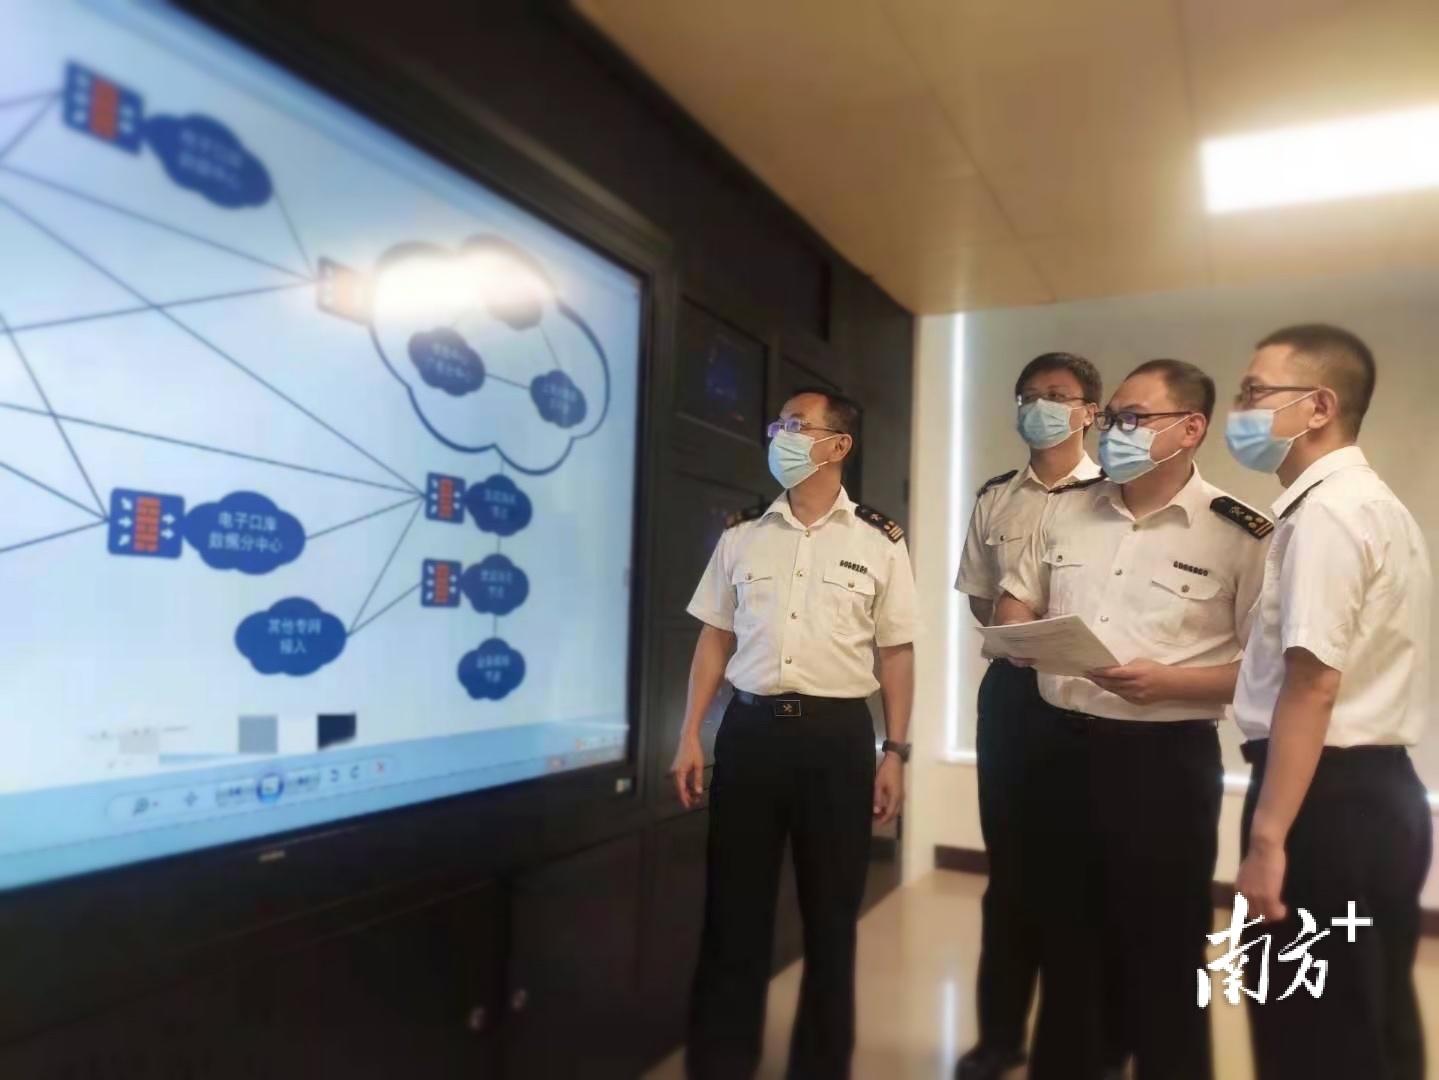 汕头海关科技人员协助解决基层联网技术问题。  陈琳 摄